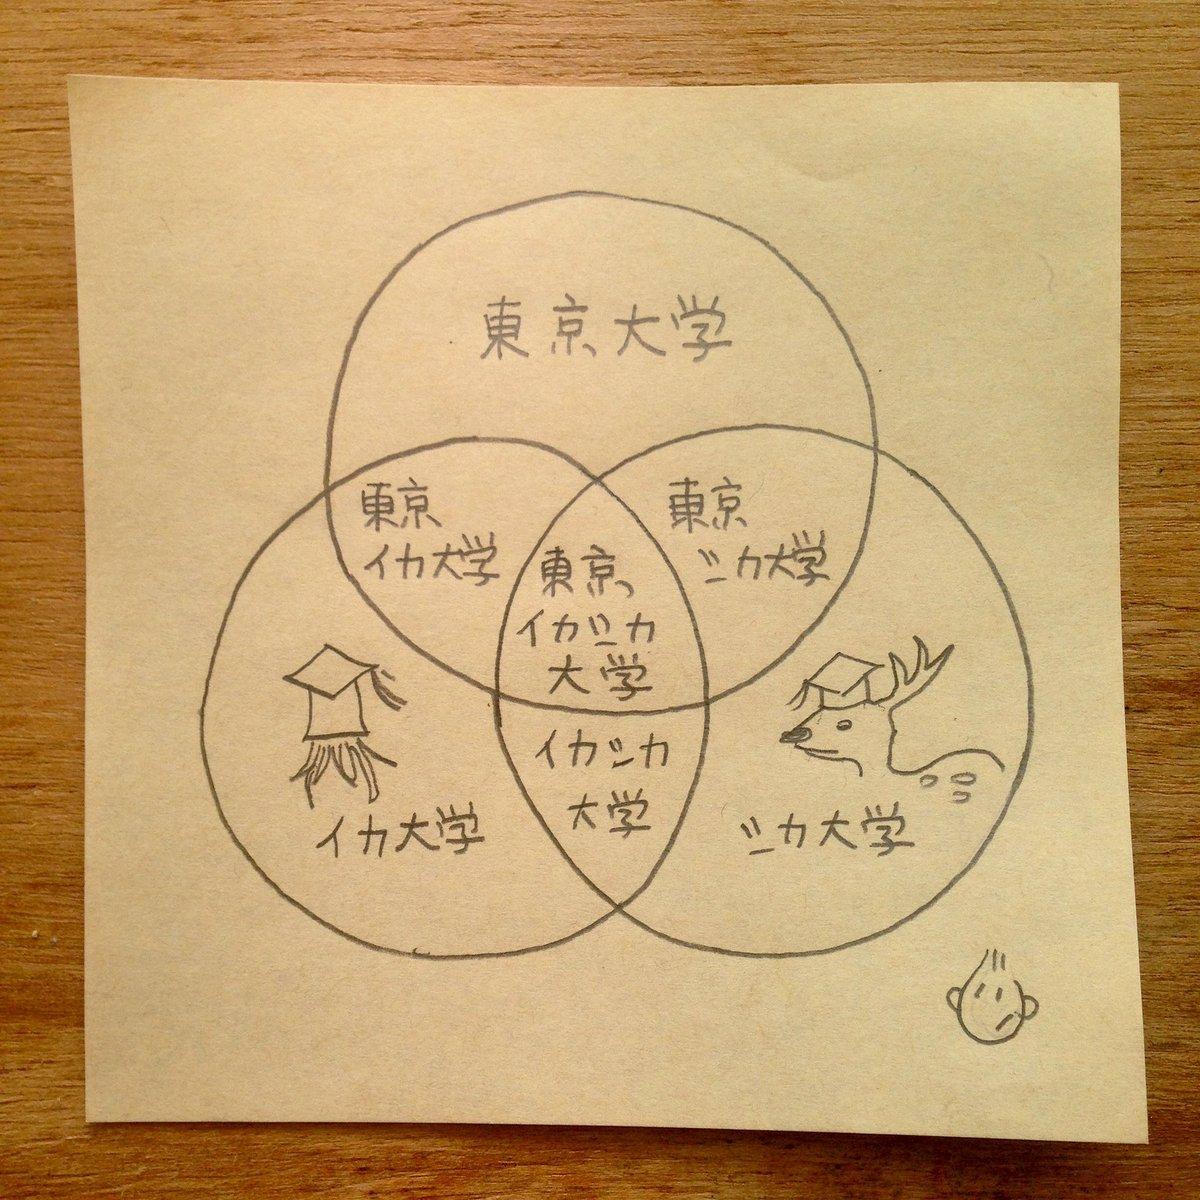 これができなくなるのはダメなので、慶應大に東京歯科大学を吸収させてはならない